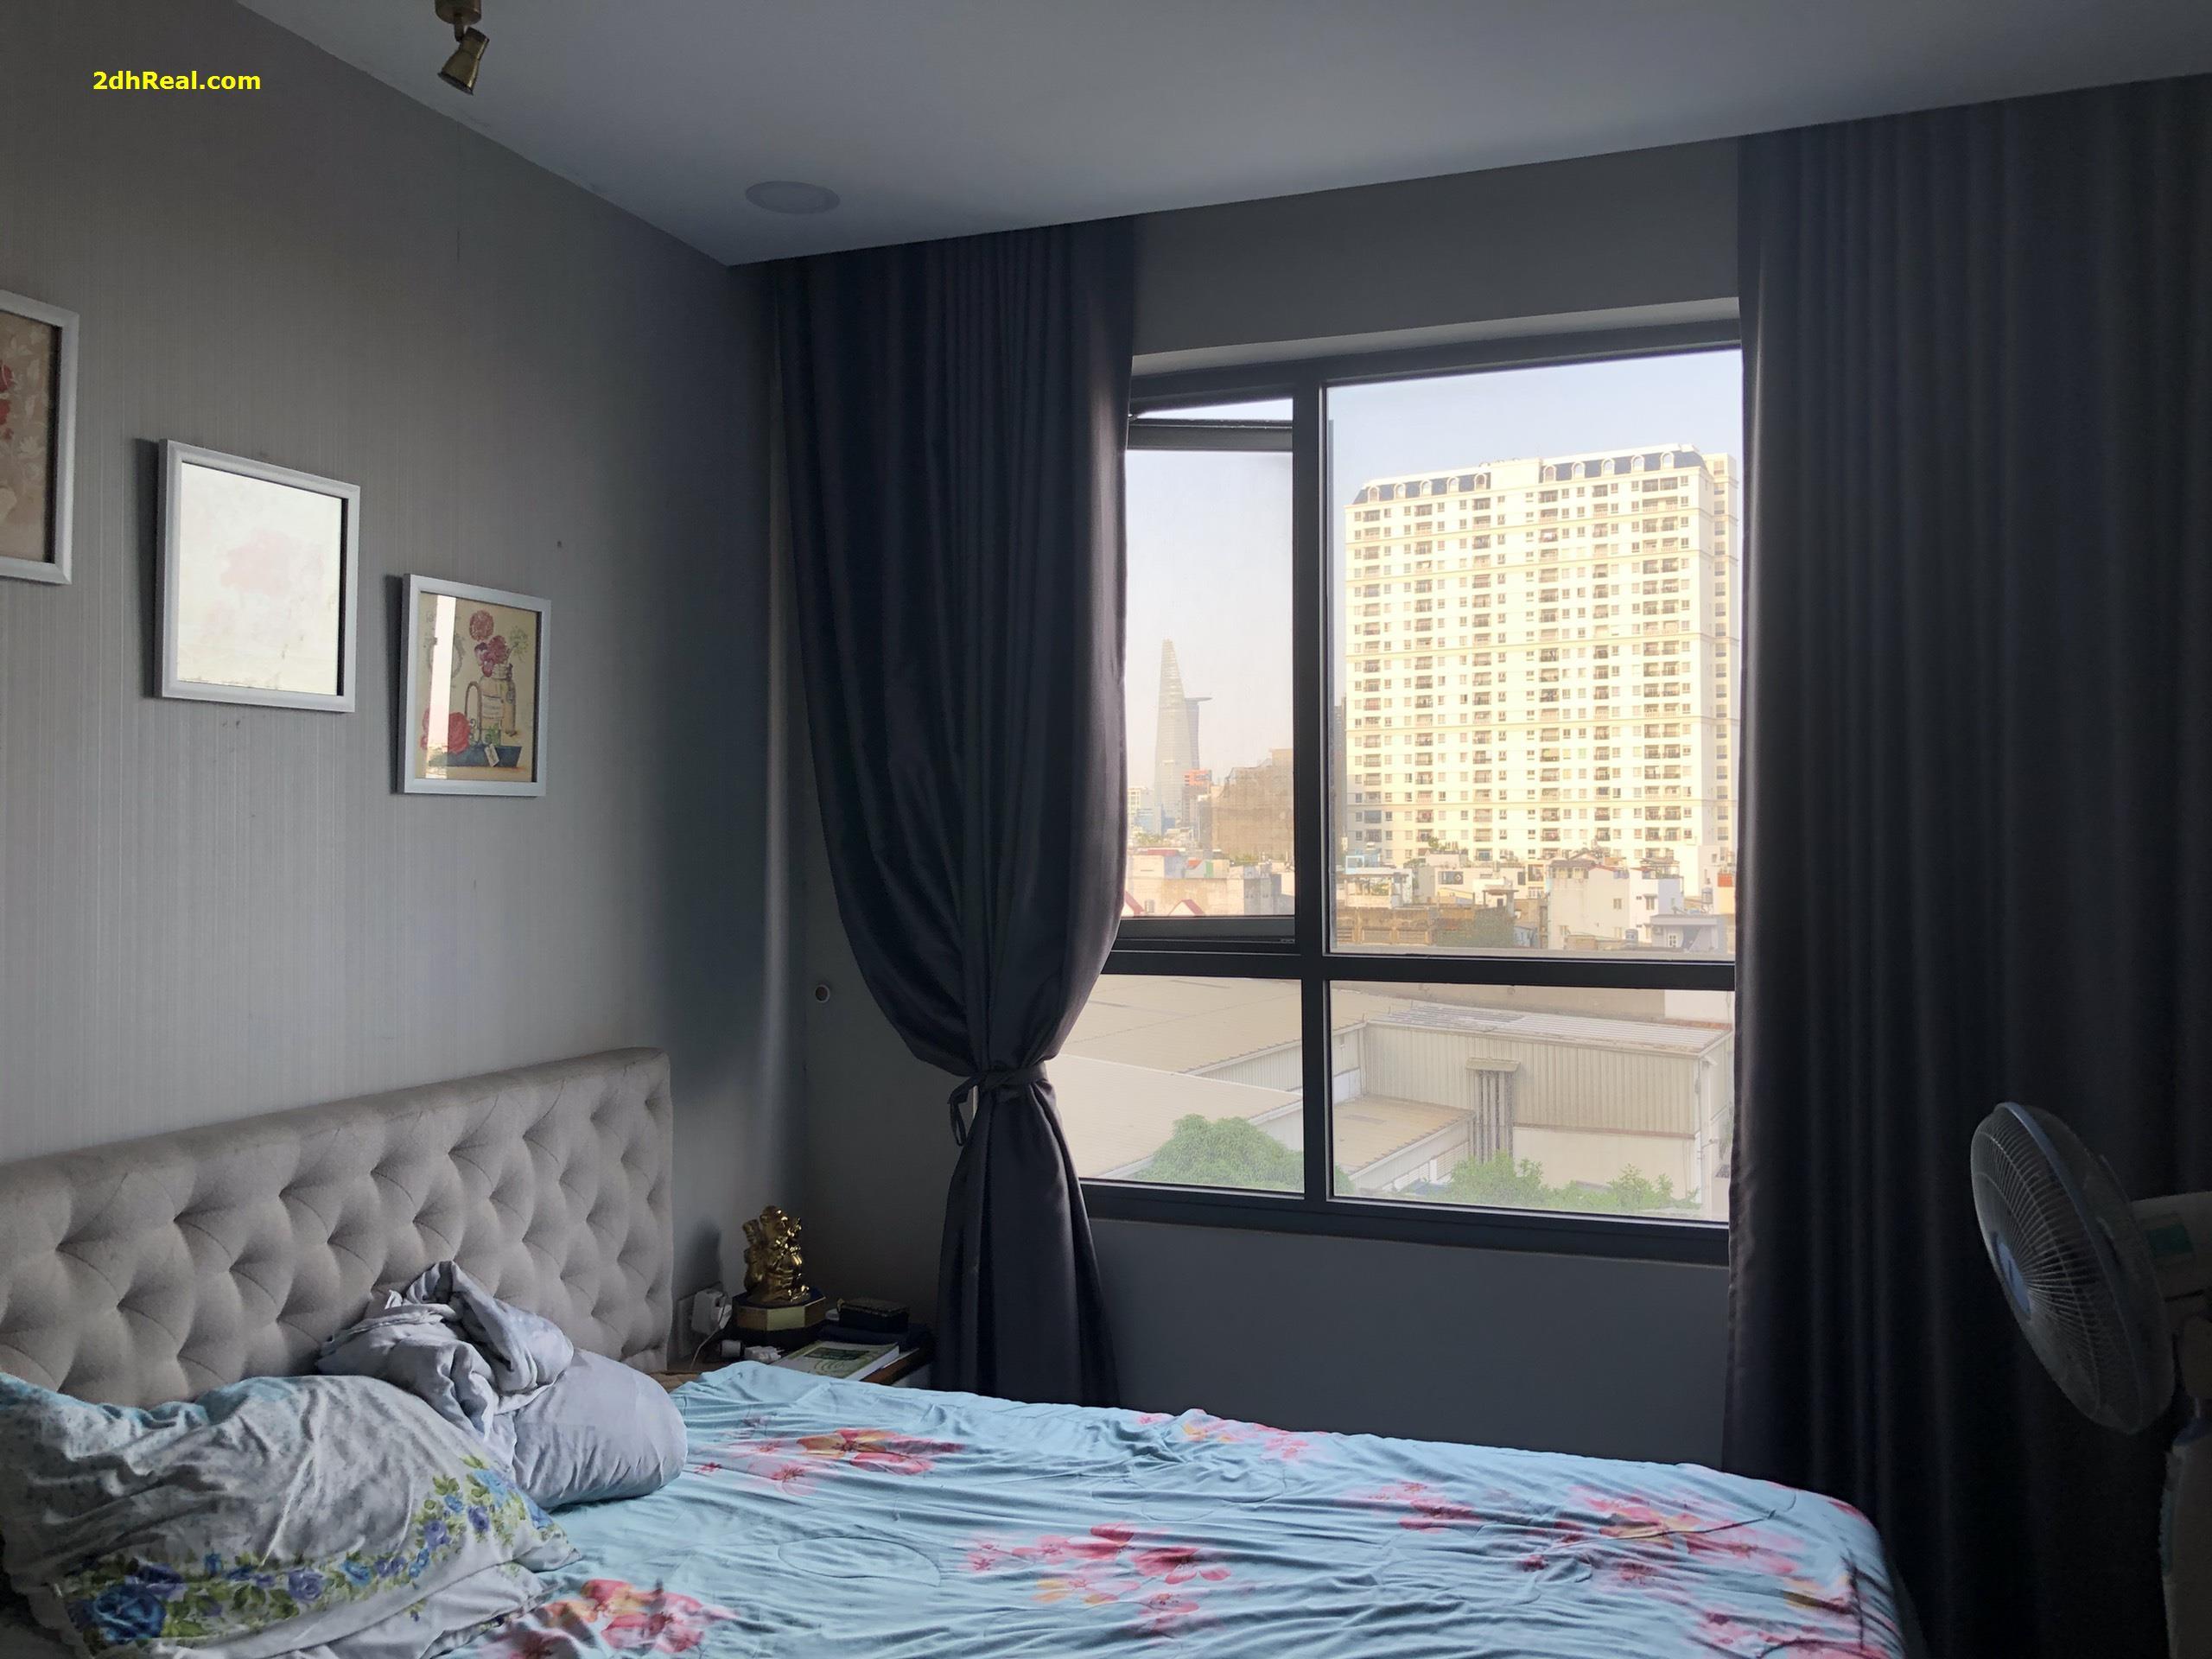 Bán căn hộ 3 phòng ngủ chung cư The Gold View số 346 Bến Vân Đồn giá 7 tỷ